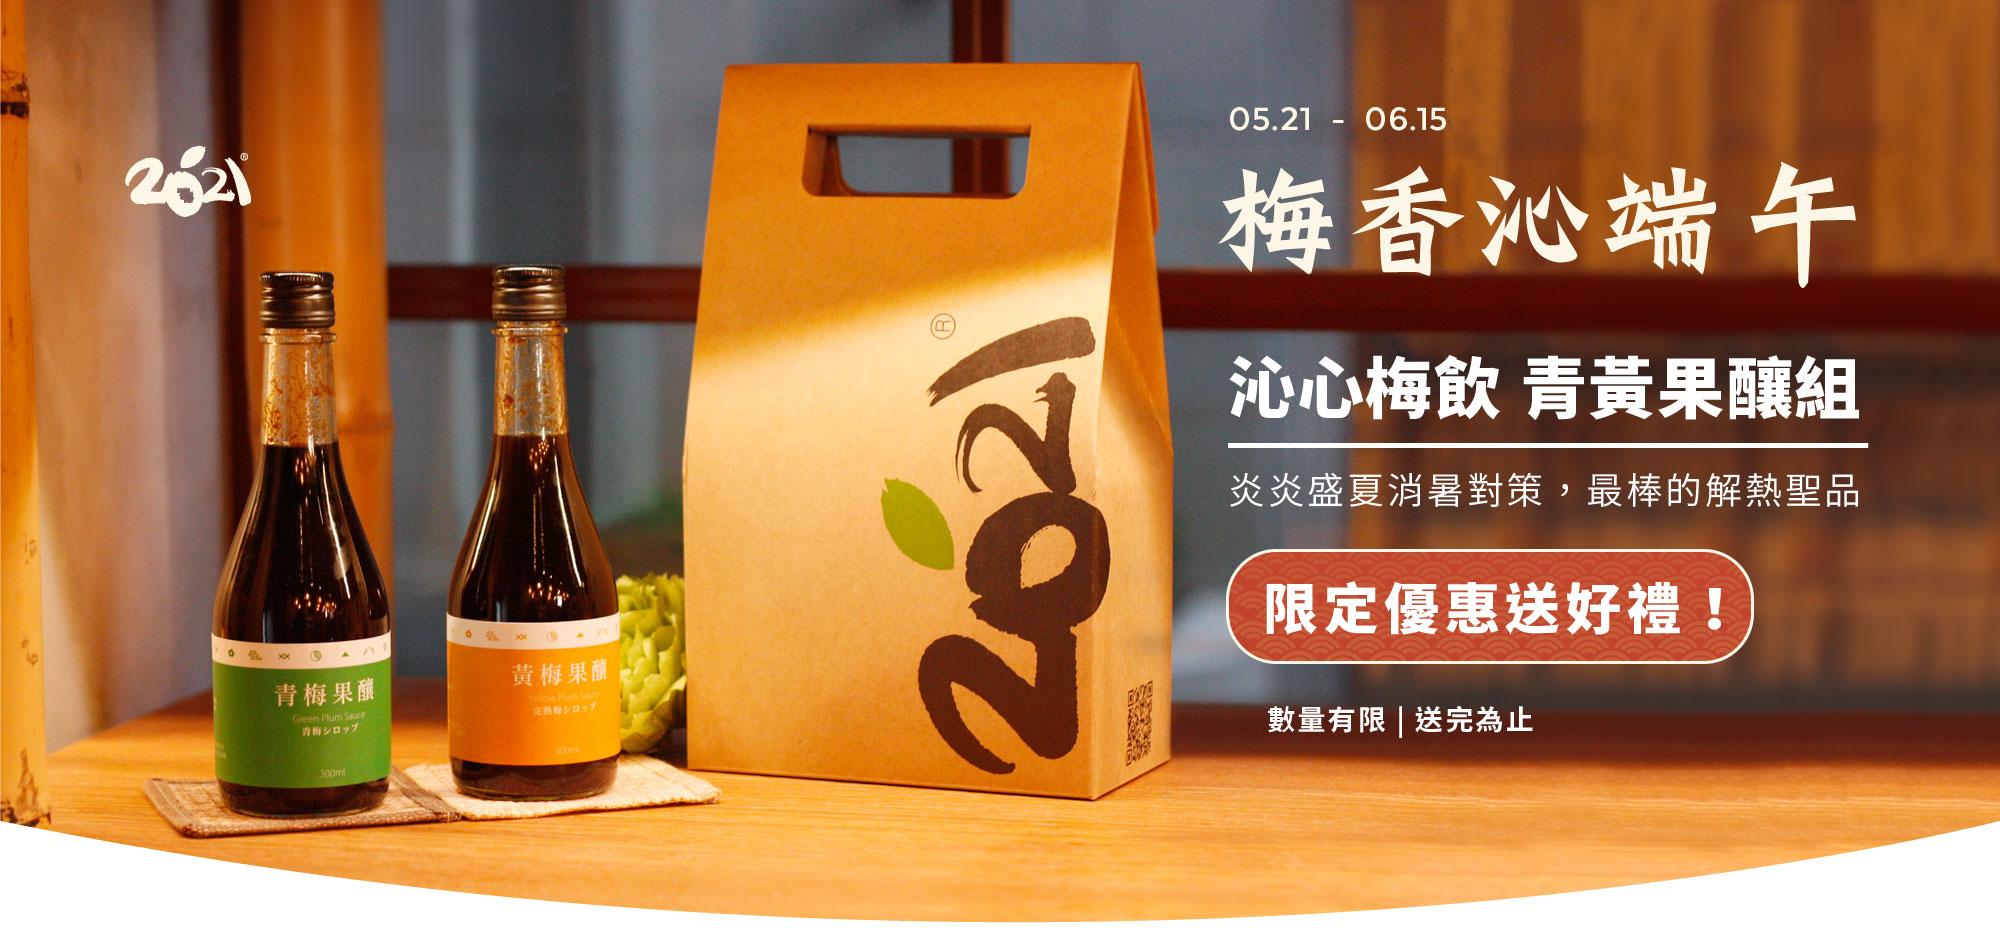 2021梅香沁端午 - 沁心梅飲青黃果釀組